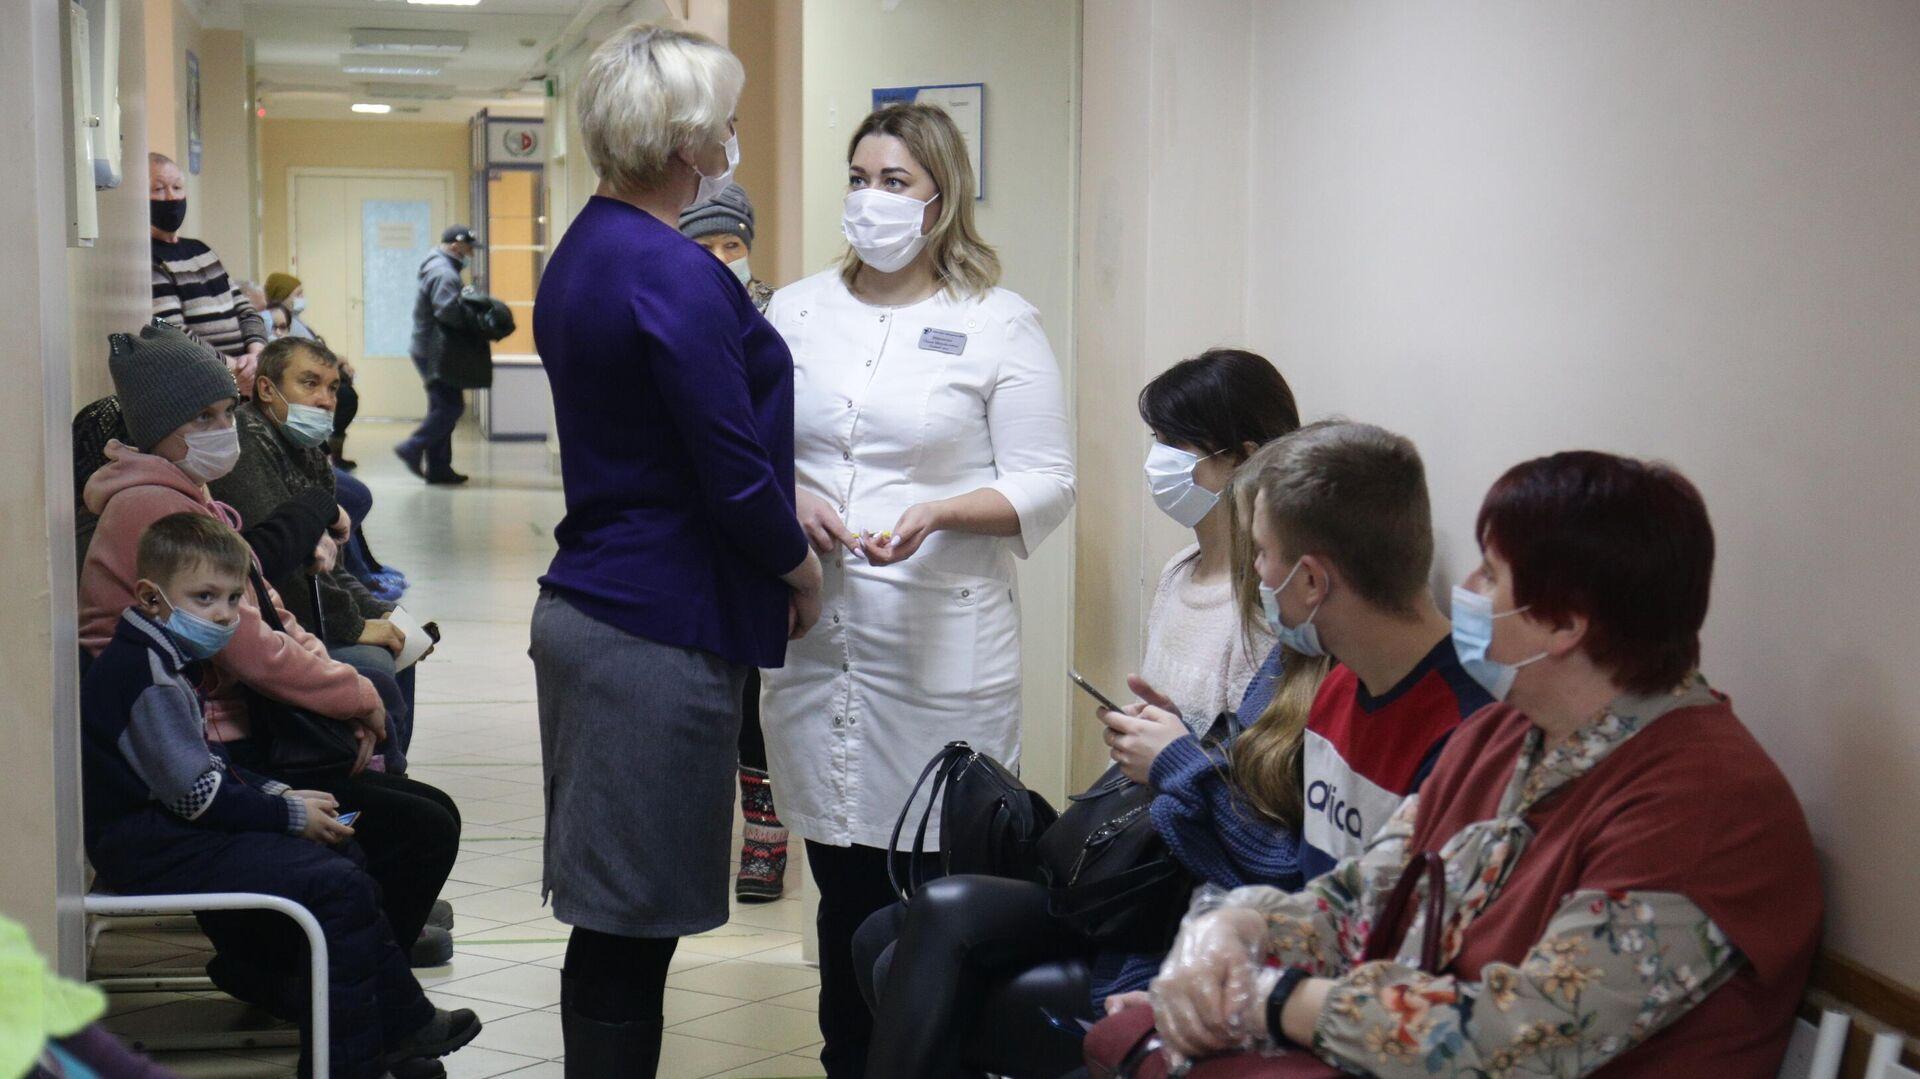 Пациенты и врачи в районной больнице в Мошковском районе Новосибирской области - РИА Новости, 1920, 23.05.2021